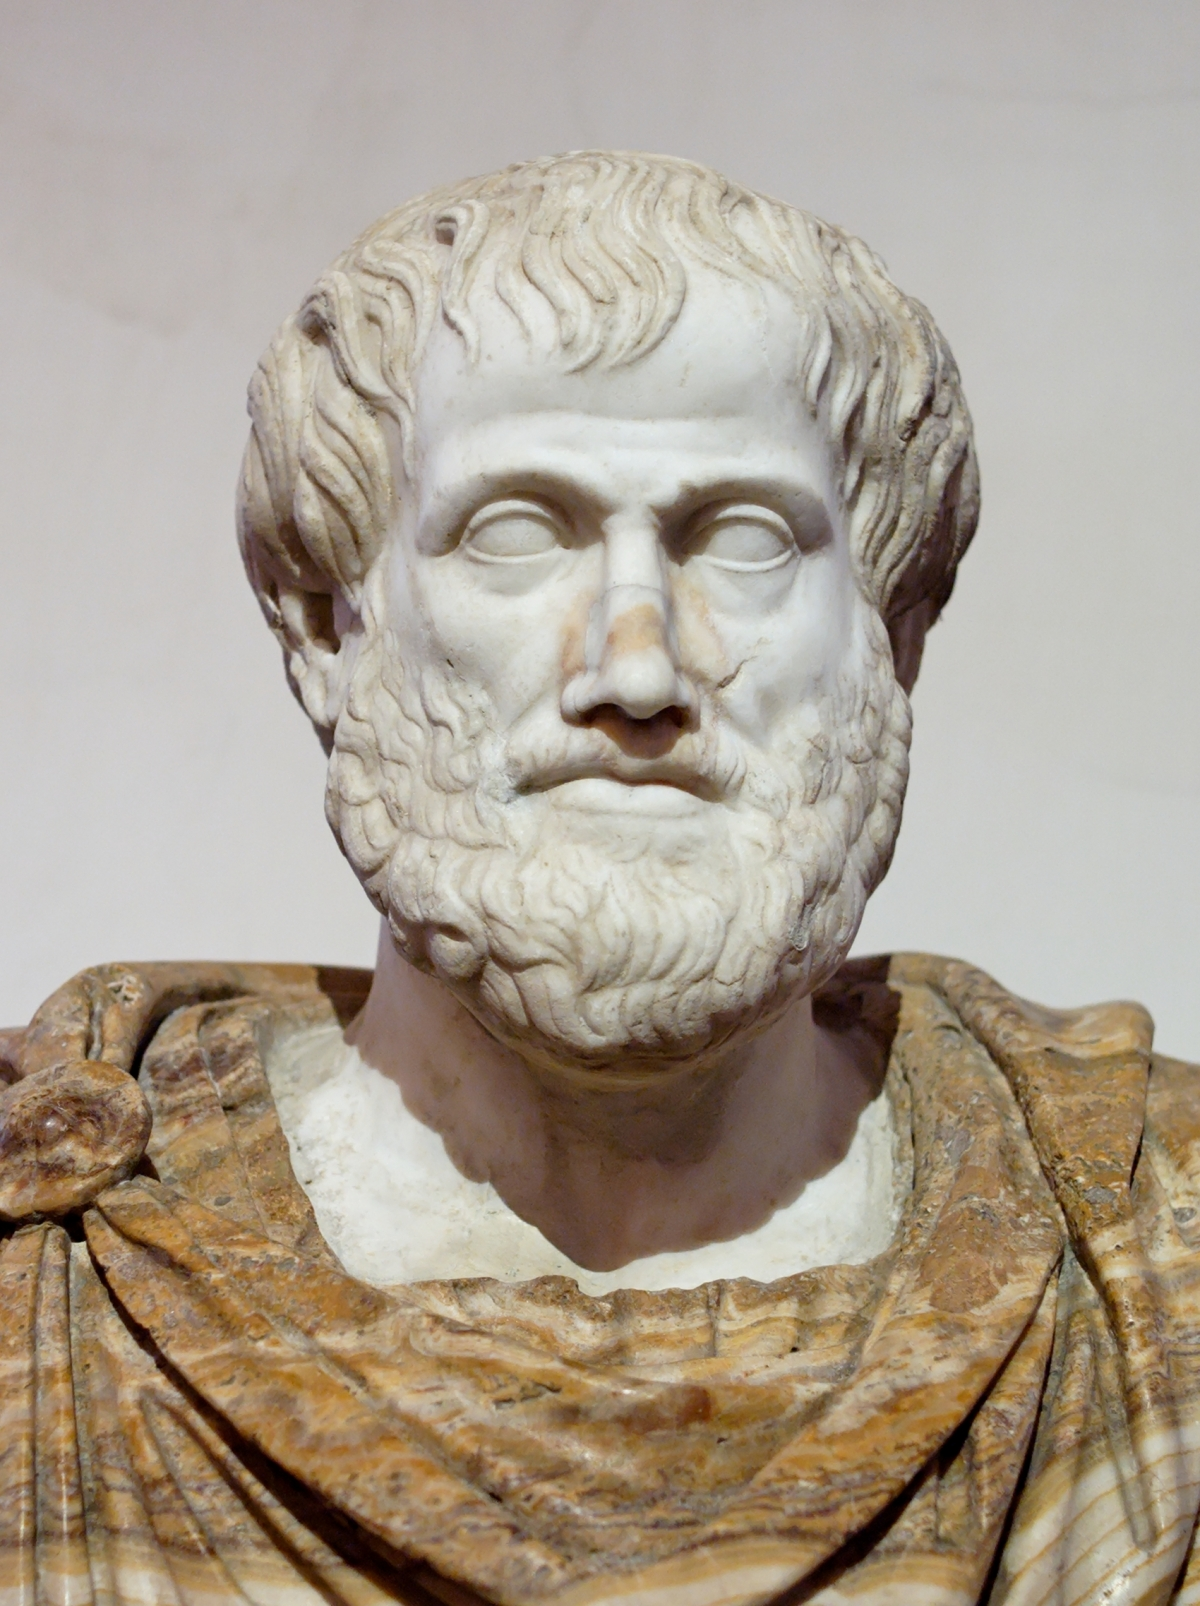 Buste van Aristoteles. Marmer, Romeinse kopie naar een Grieks origineel van brons door Lysippos uit 330 voor onze jaartelling. De mantel van albast is een moderne toevoeging. Foto: Jastrow 2006.